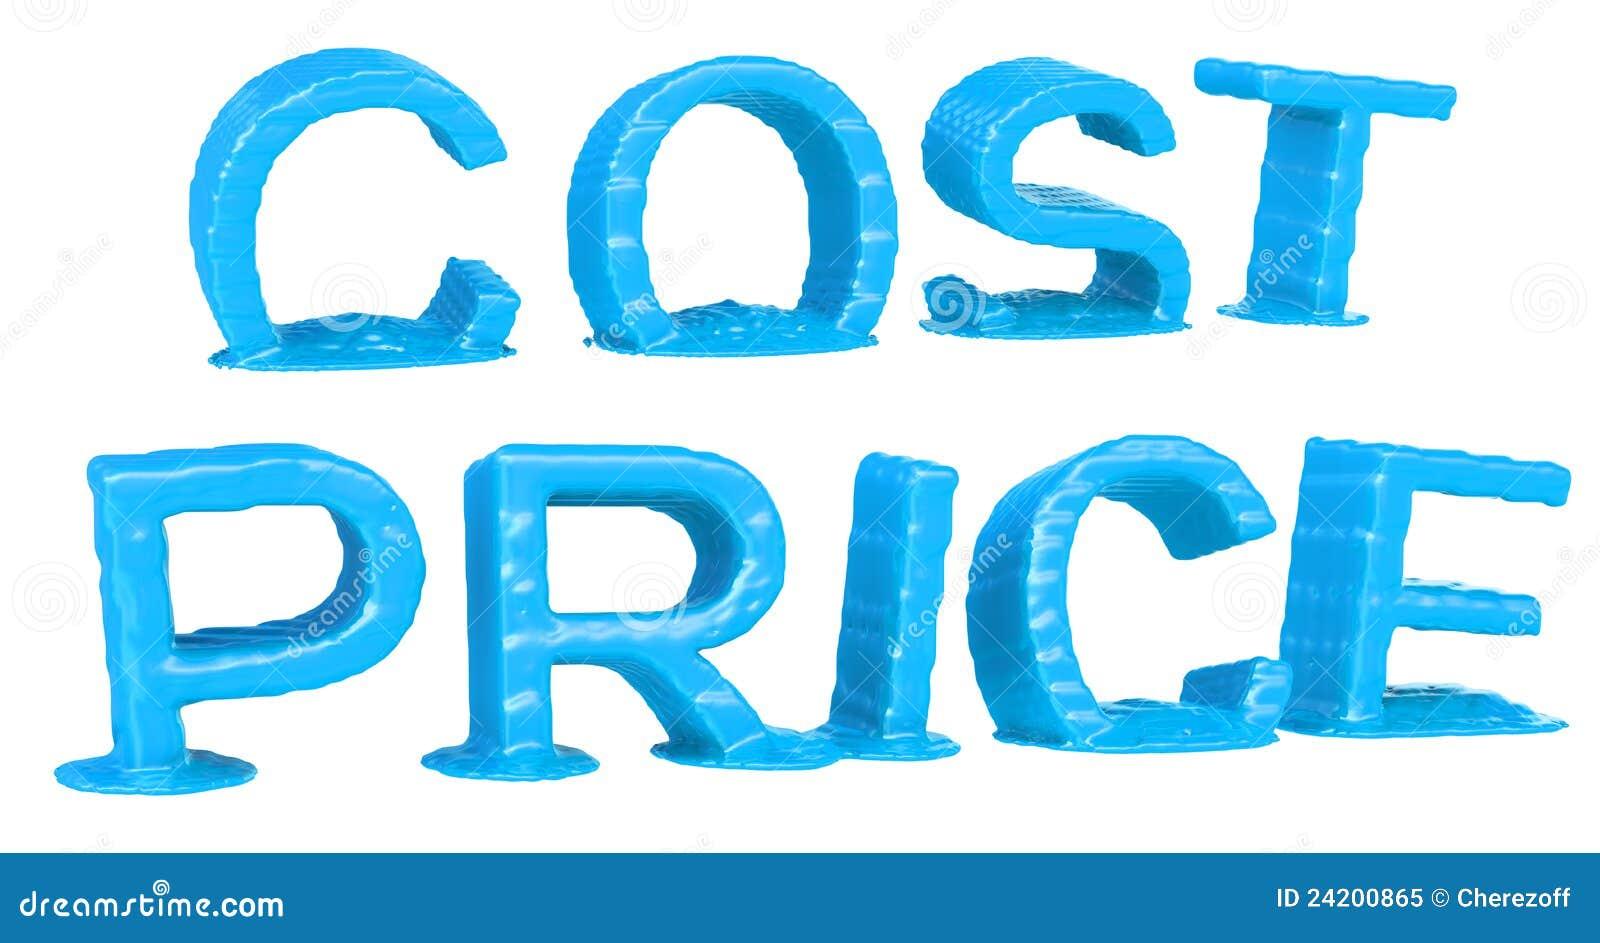 μπλε λέξη τιμών τήξης δαπανών